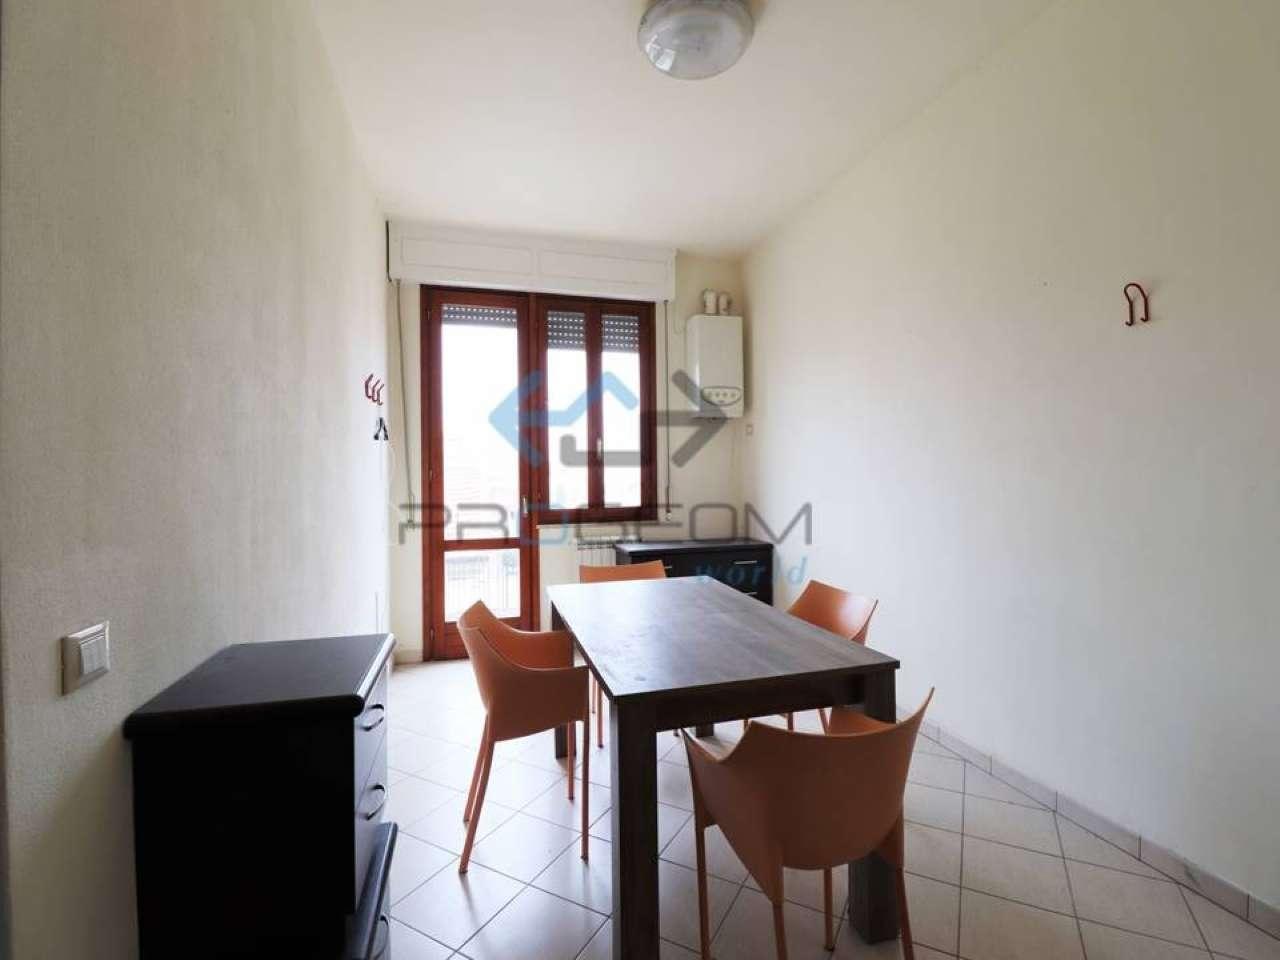 Appartamento in vendita a Casciana Terme Lari, 2 locali, prezzo € 40.000   PortaleAgenzieImmobiliari.it